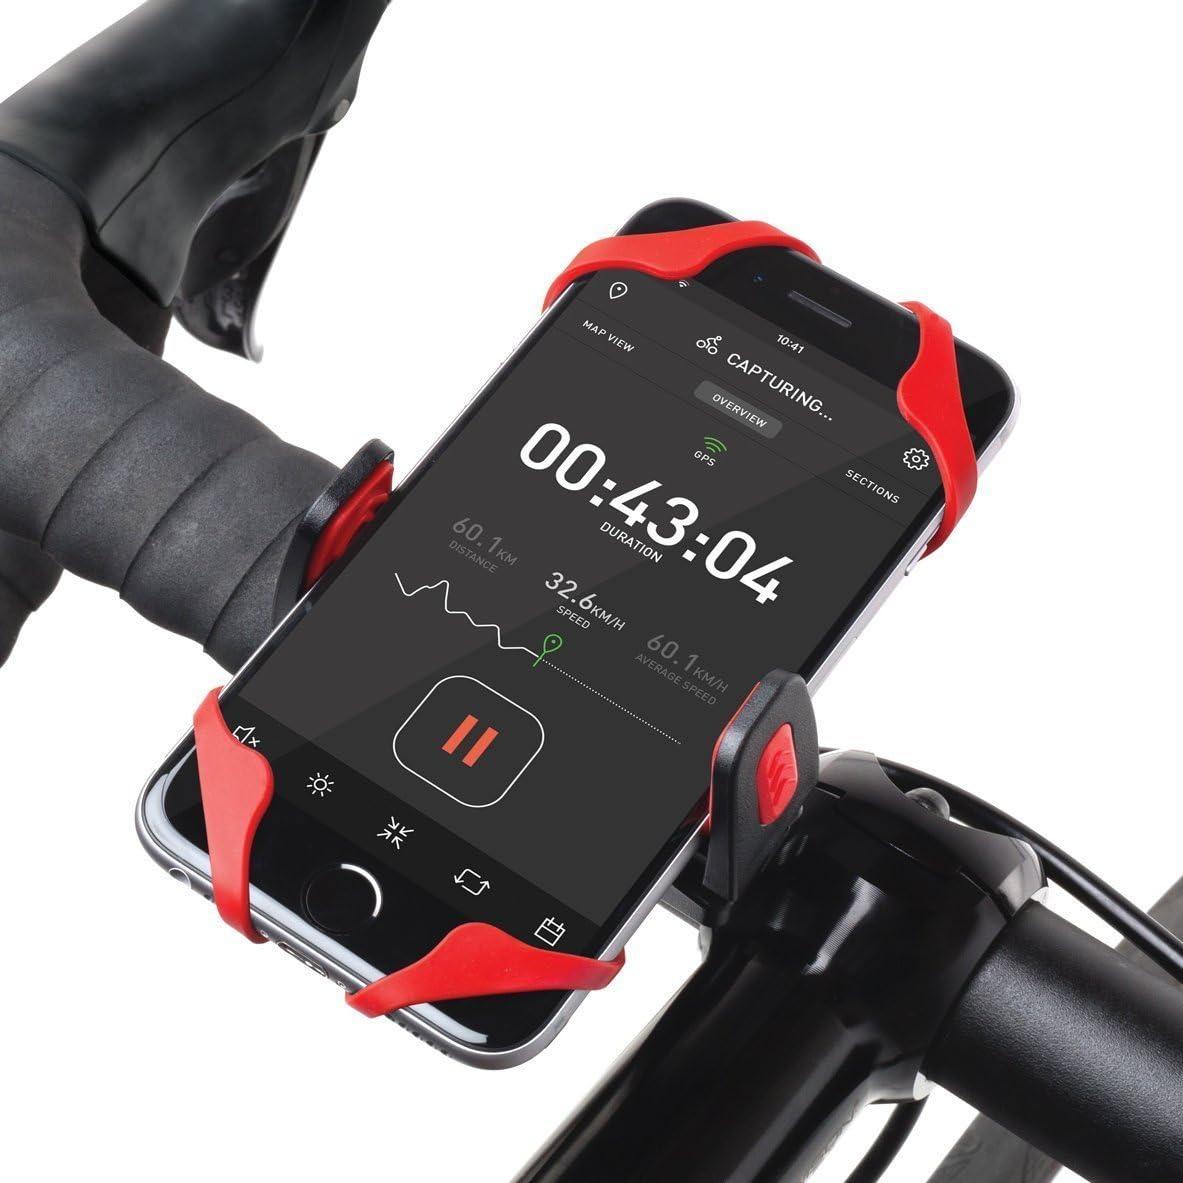 Icefox Fahrrad Halterung Lenker Velo X Cyclomount Für Rennrad Trekkingrad Bike For Iphone 6 6 Plus 5 5s 5c Samsung Htc Blackberry Nokia Android Smartphones Navigation